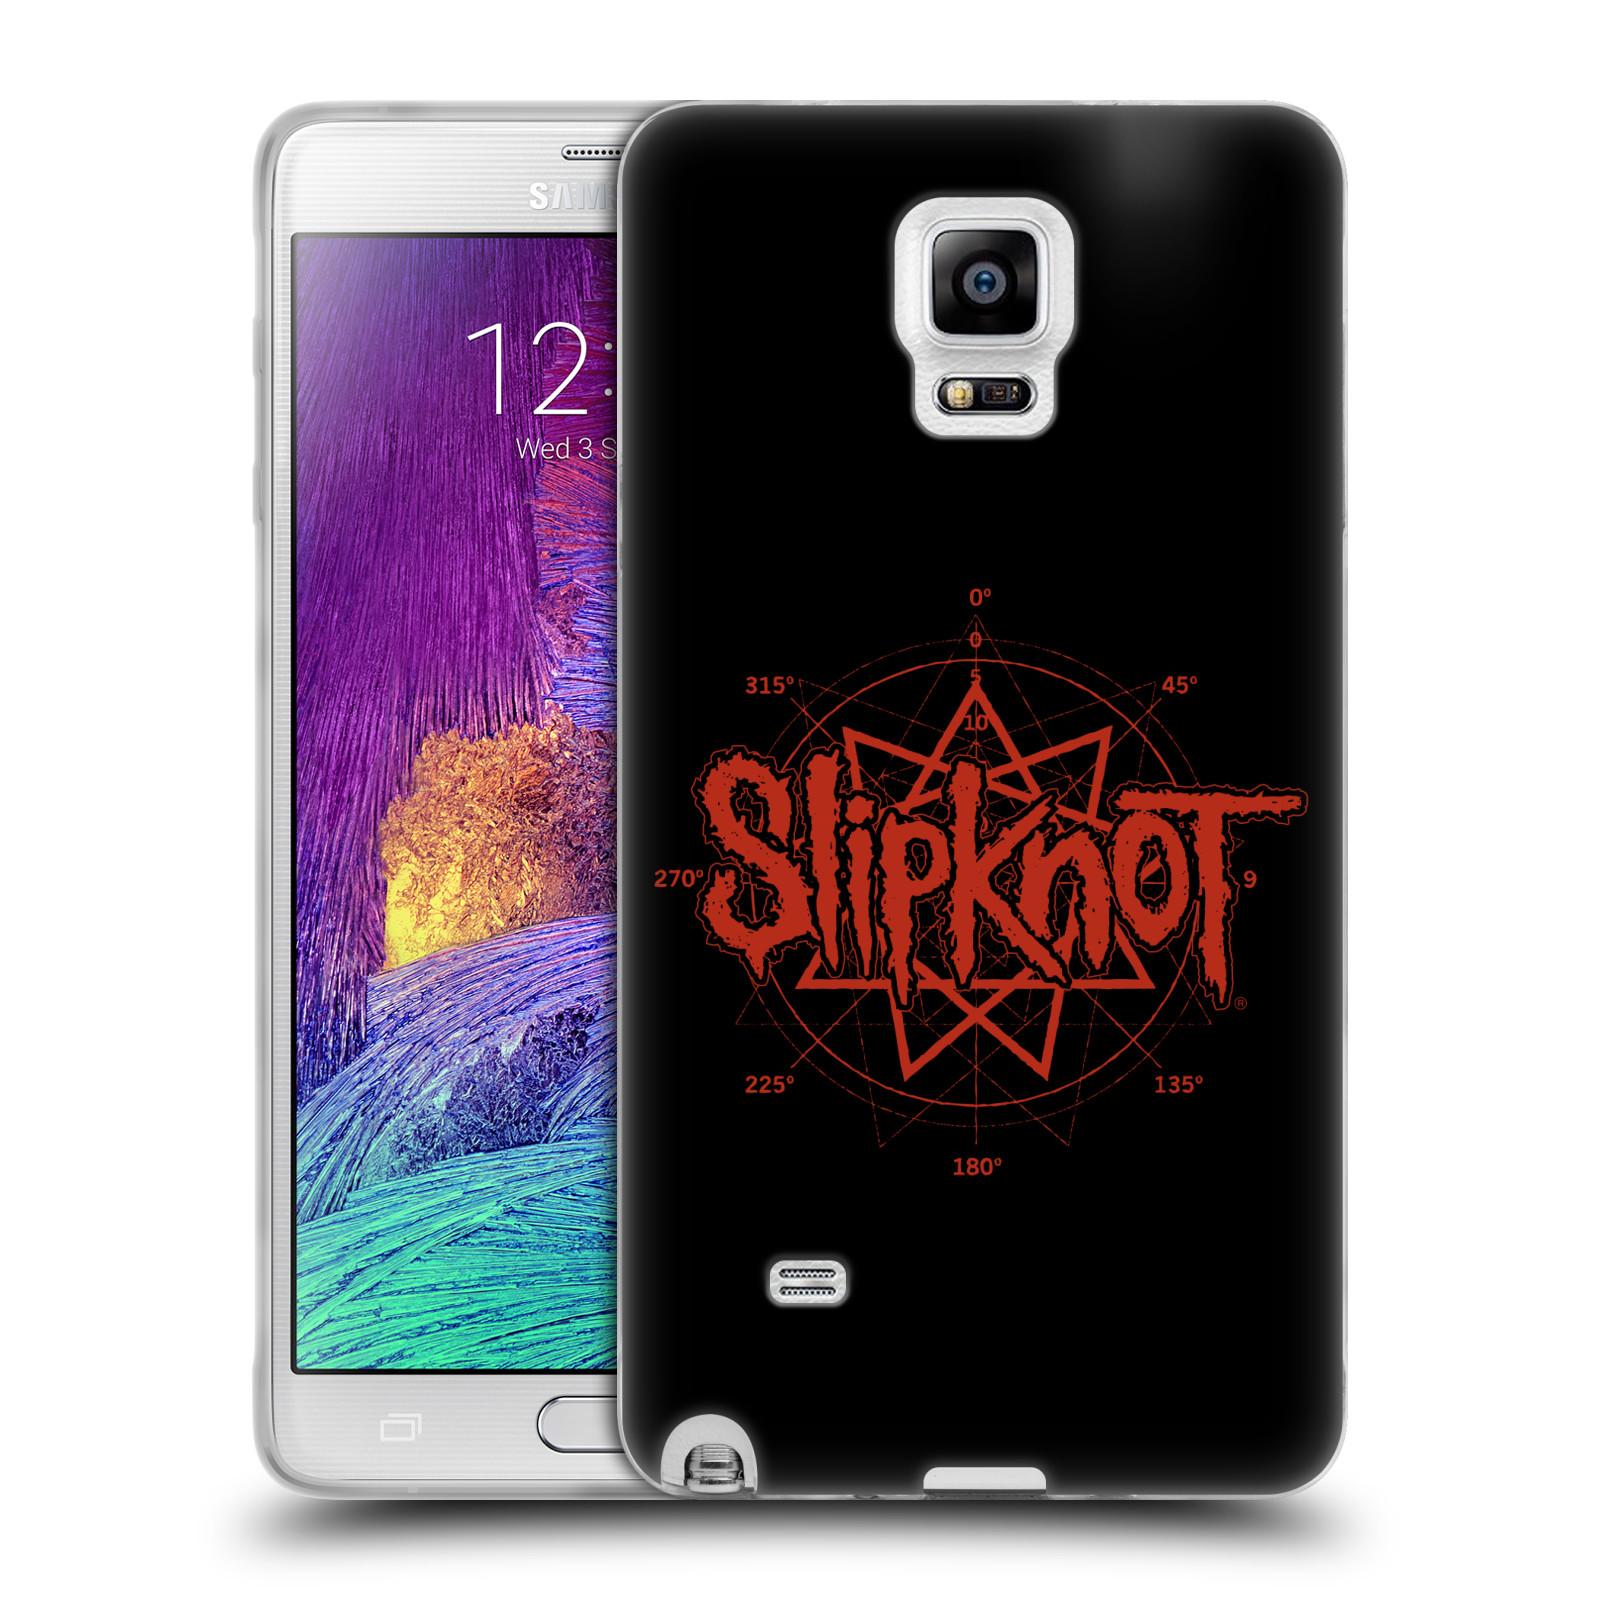 HEAD CASE silikonový obal na mobil Samsung Galaxy Note 4 hudební skupina Slipknot logo